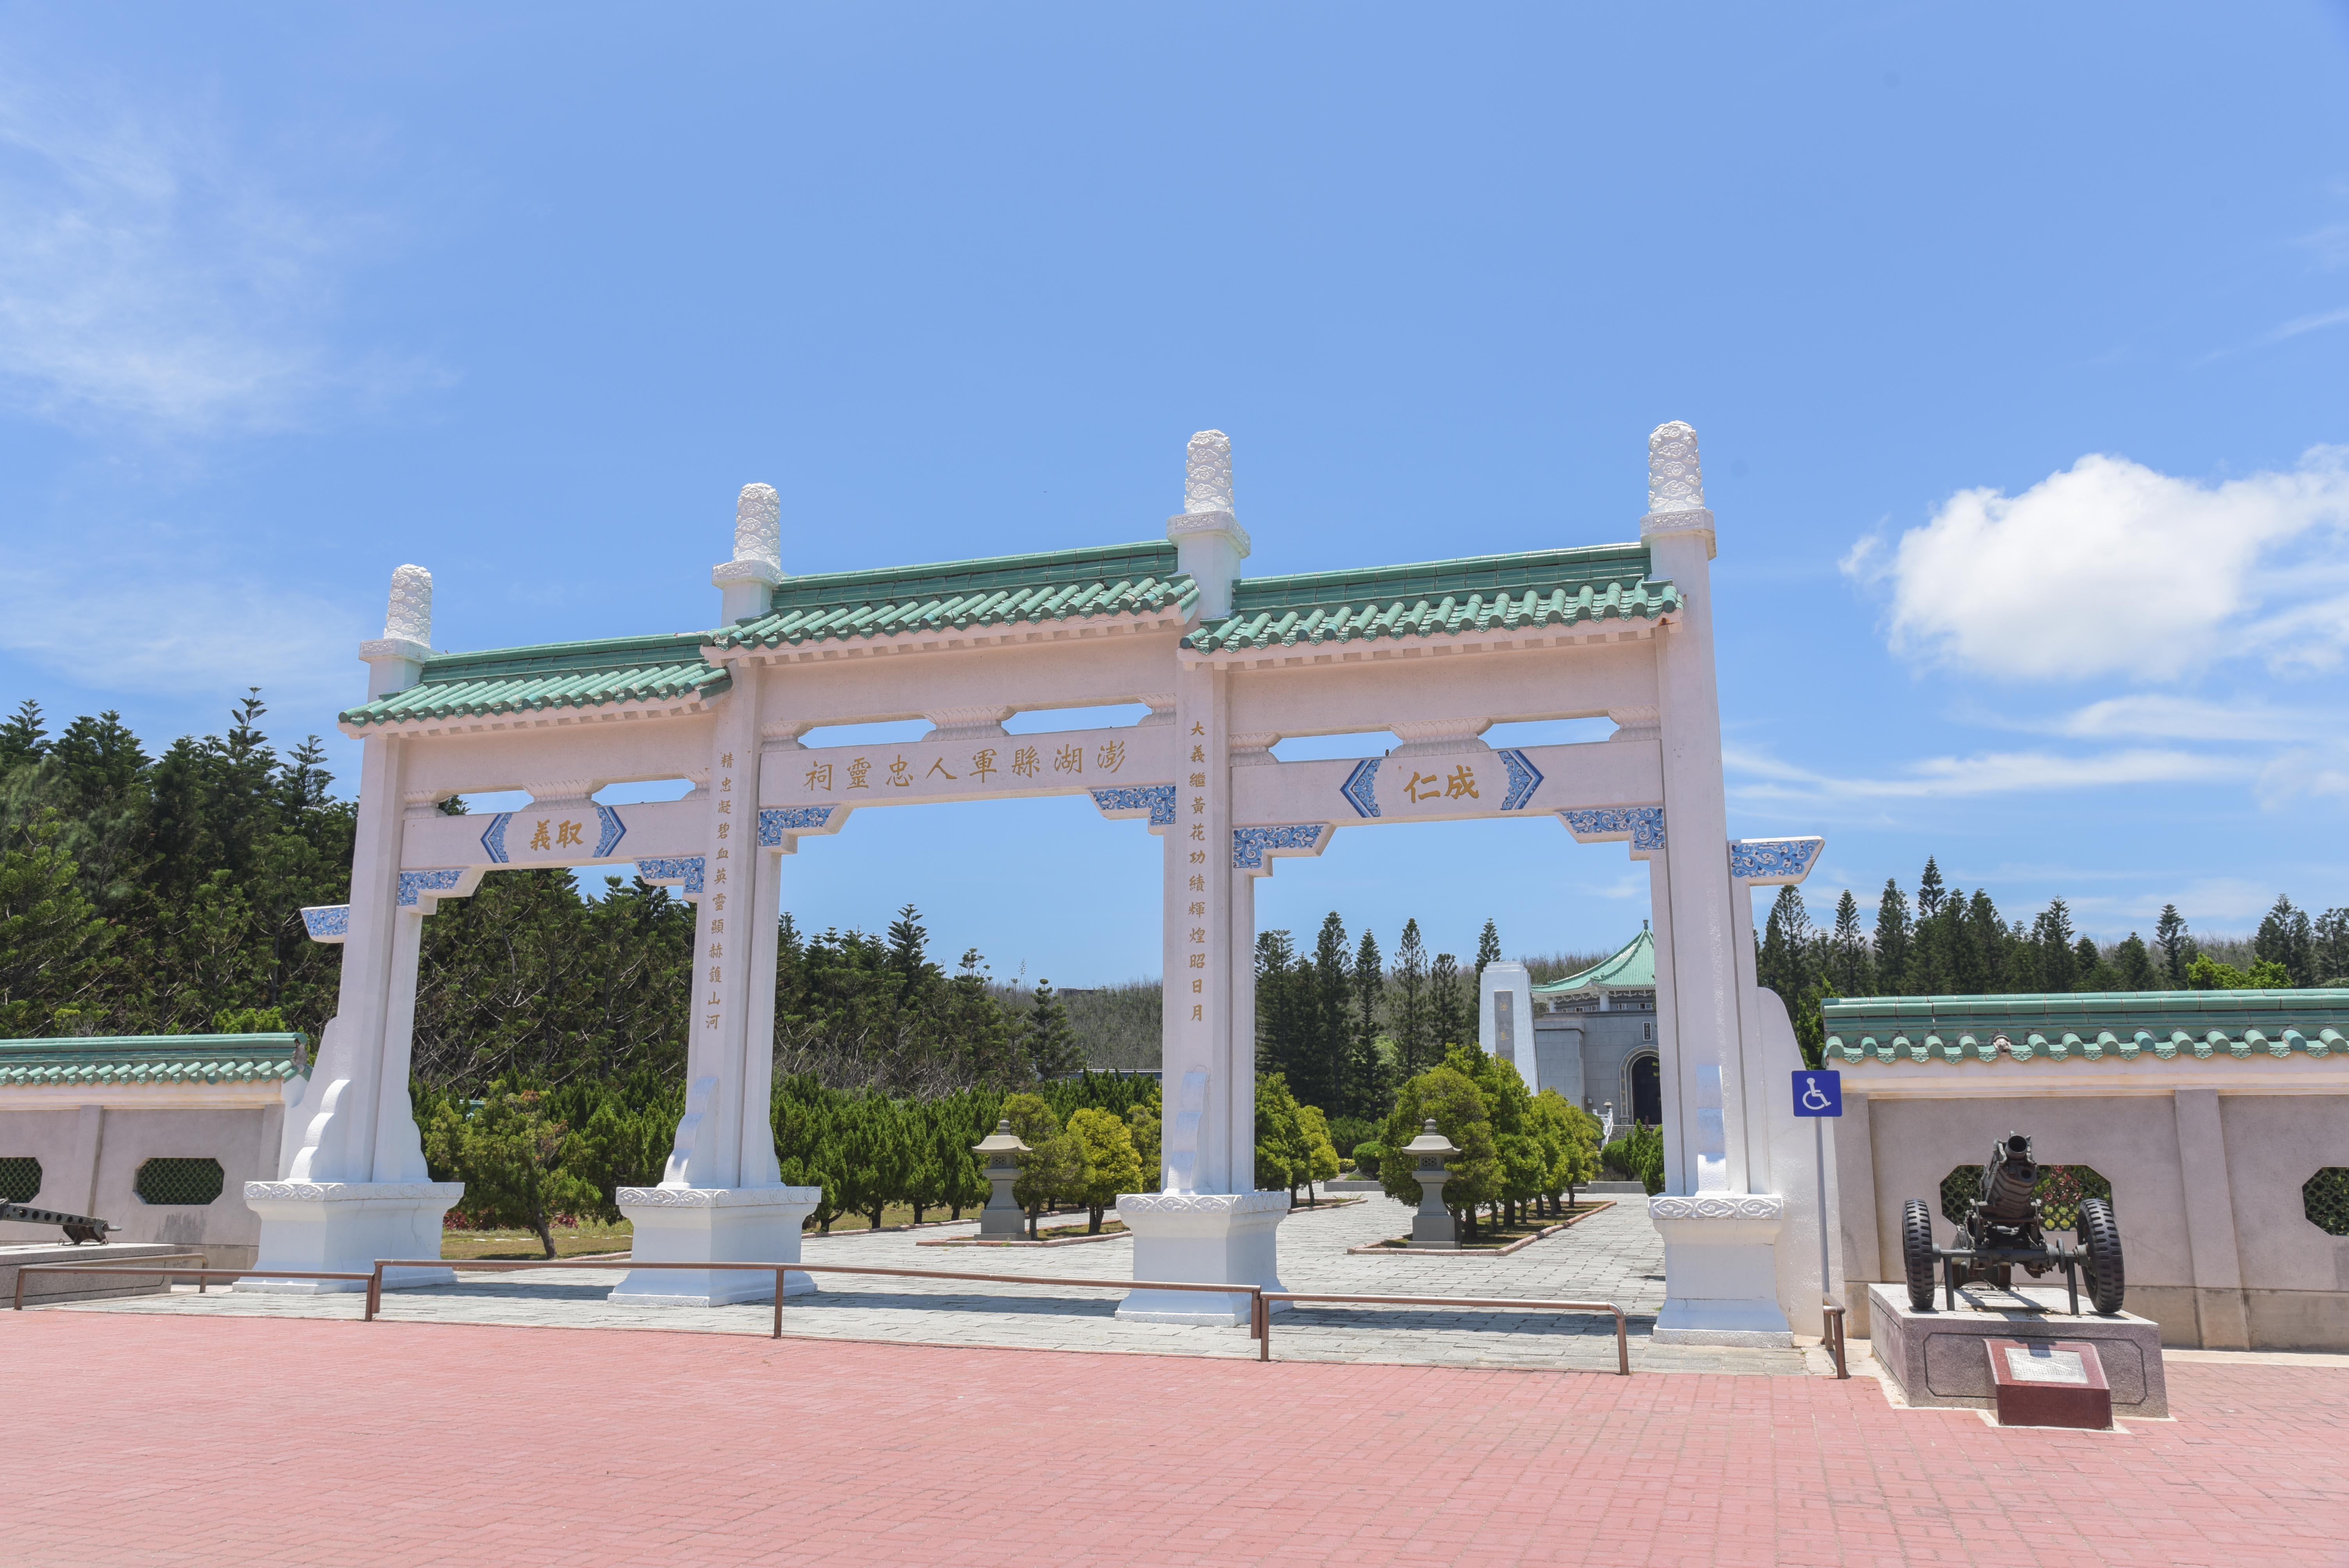 澎湖県軍人忠靈祠の牌坊